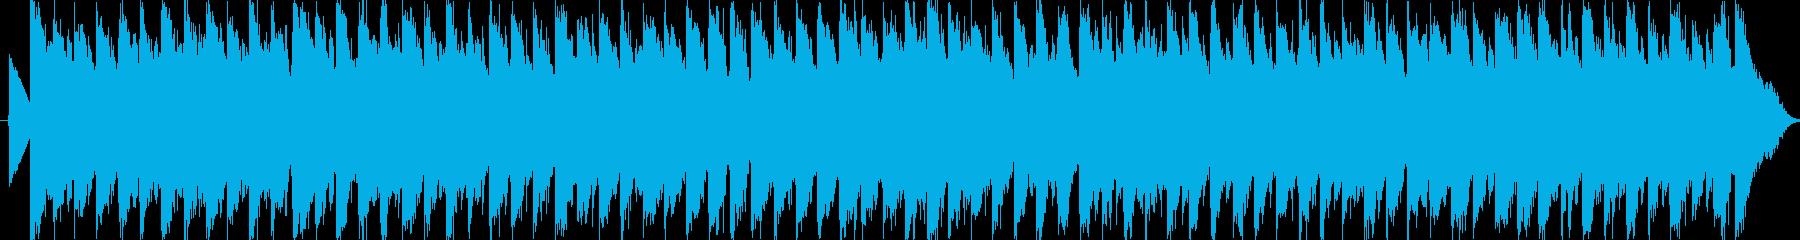 チェンバロとストリングスの協奏曲ですの再生済みの波形